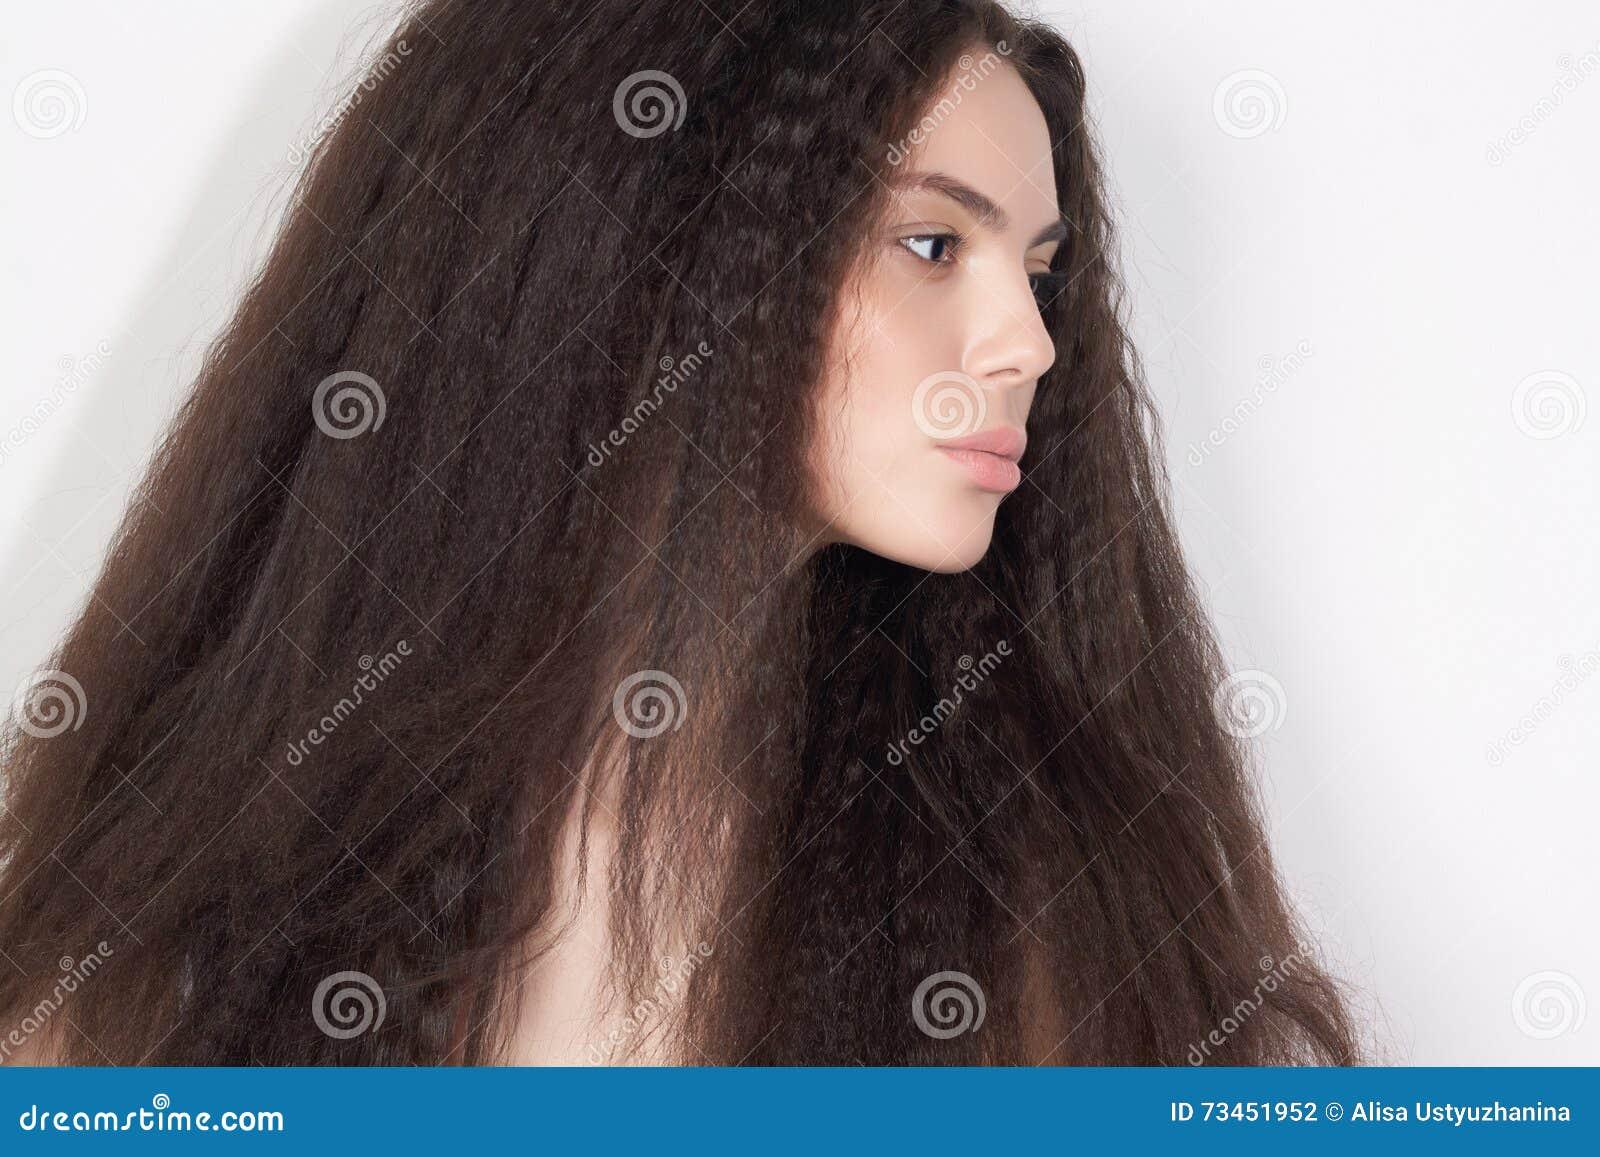 giovani ragazze pelose adolescenti nero Dik